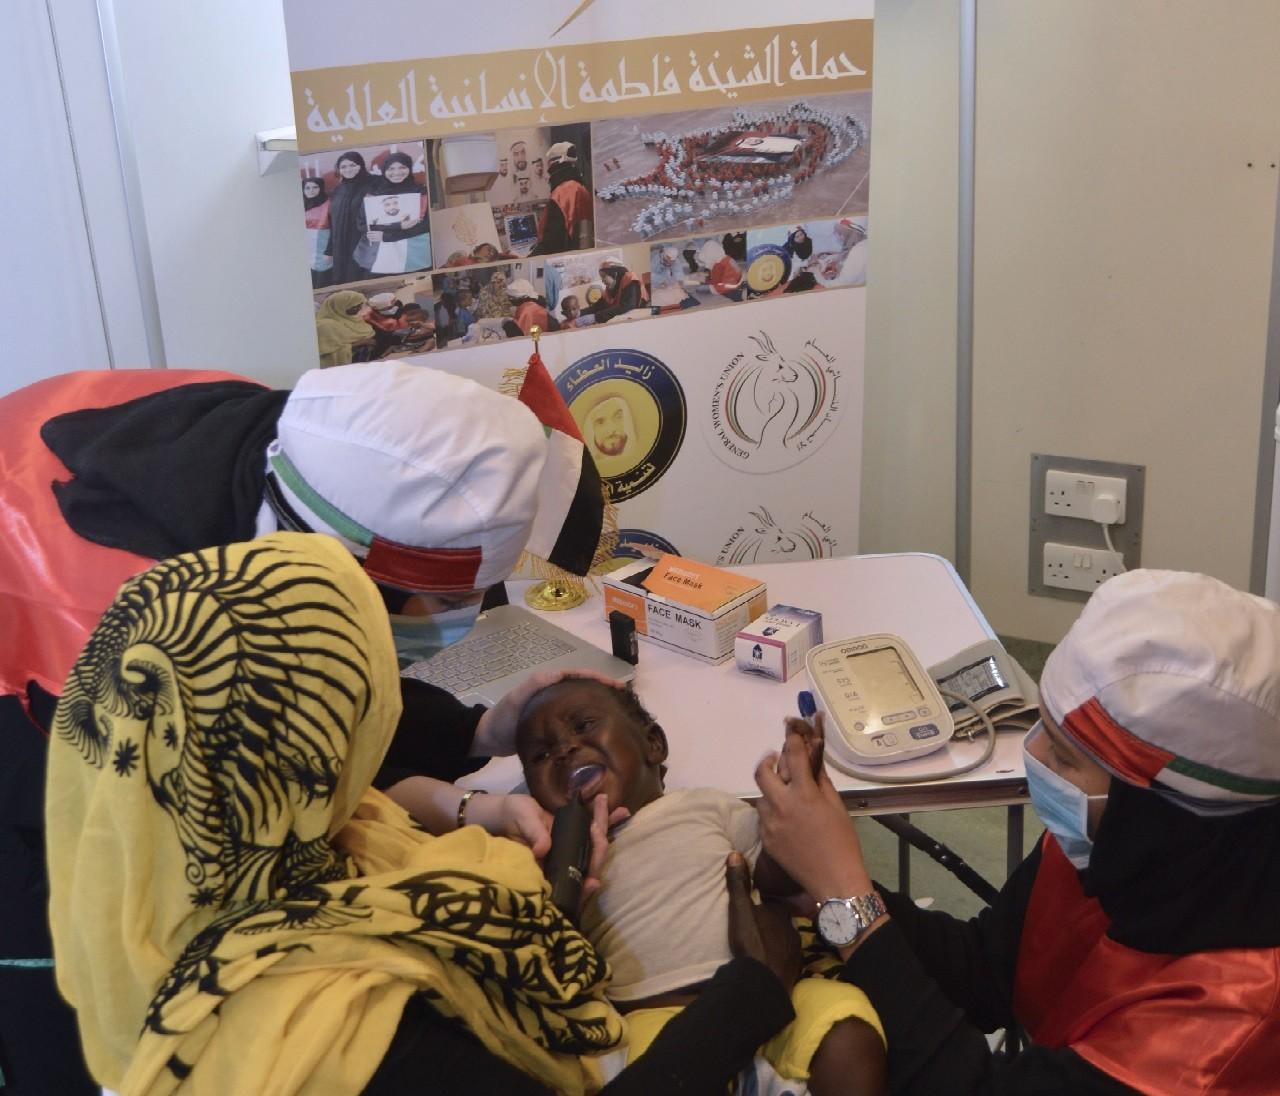 انطلاق حملة الشيخة فاطمة الإنسانية العالمية لعلاج المرأة والطفل في القرى السودانية.